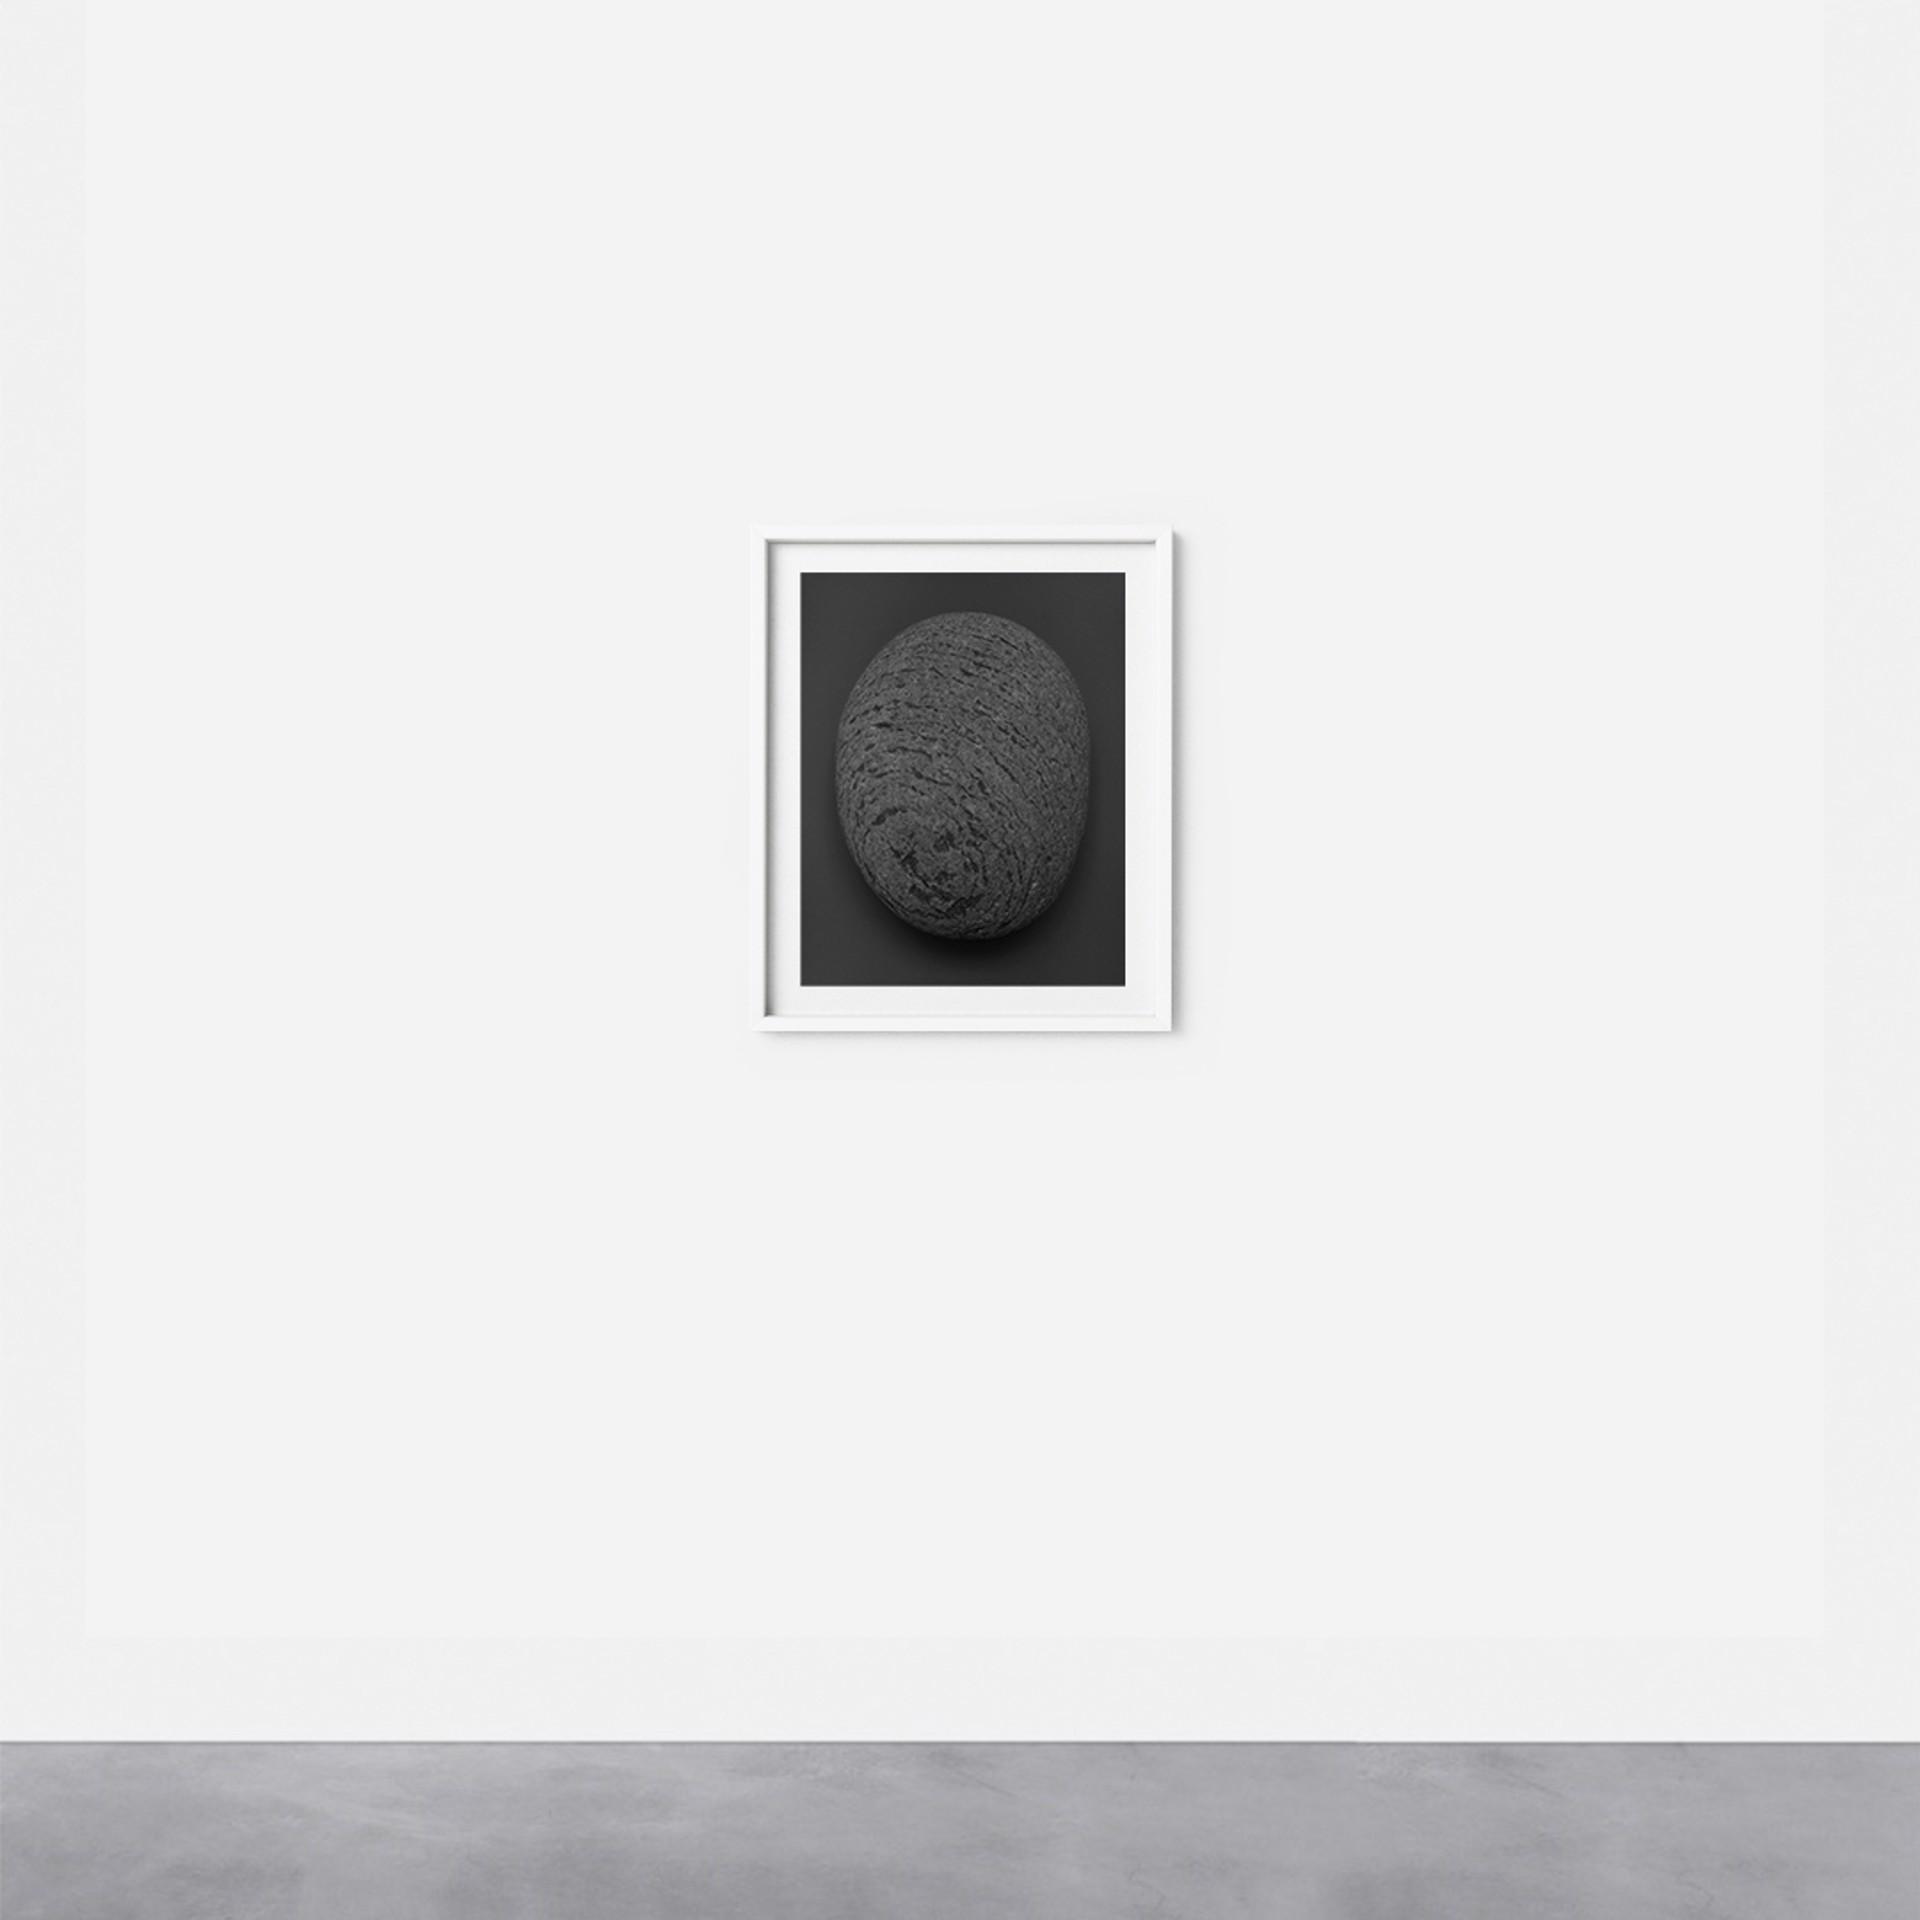 Shadow stone #4 by Gabriella Imperatori-Penn